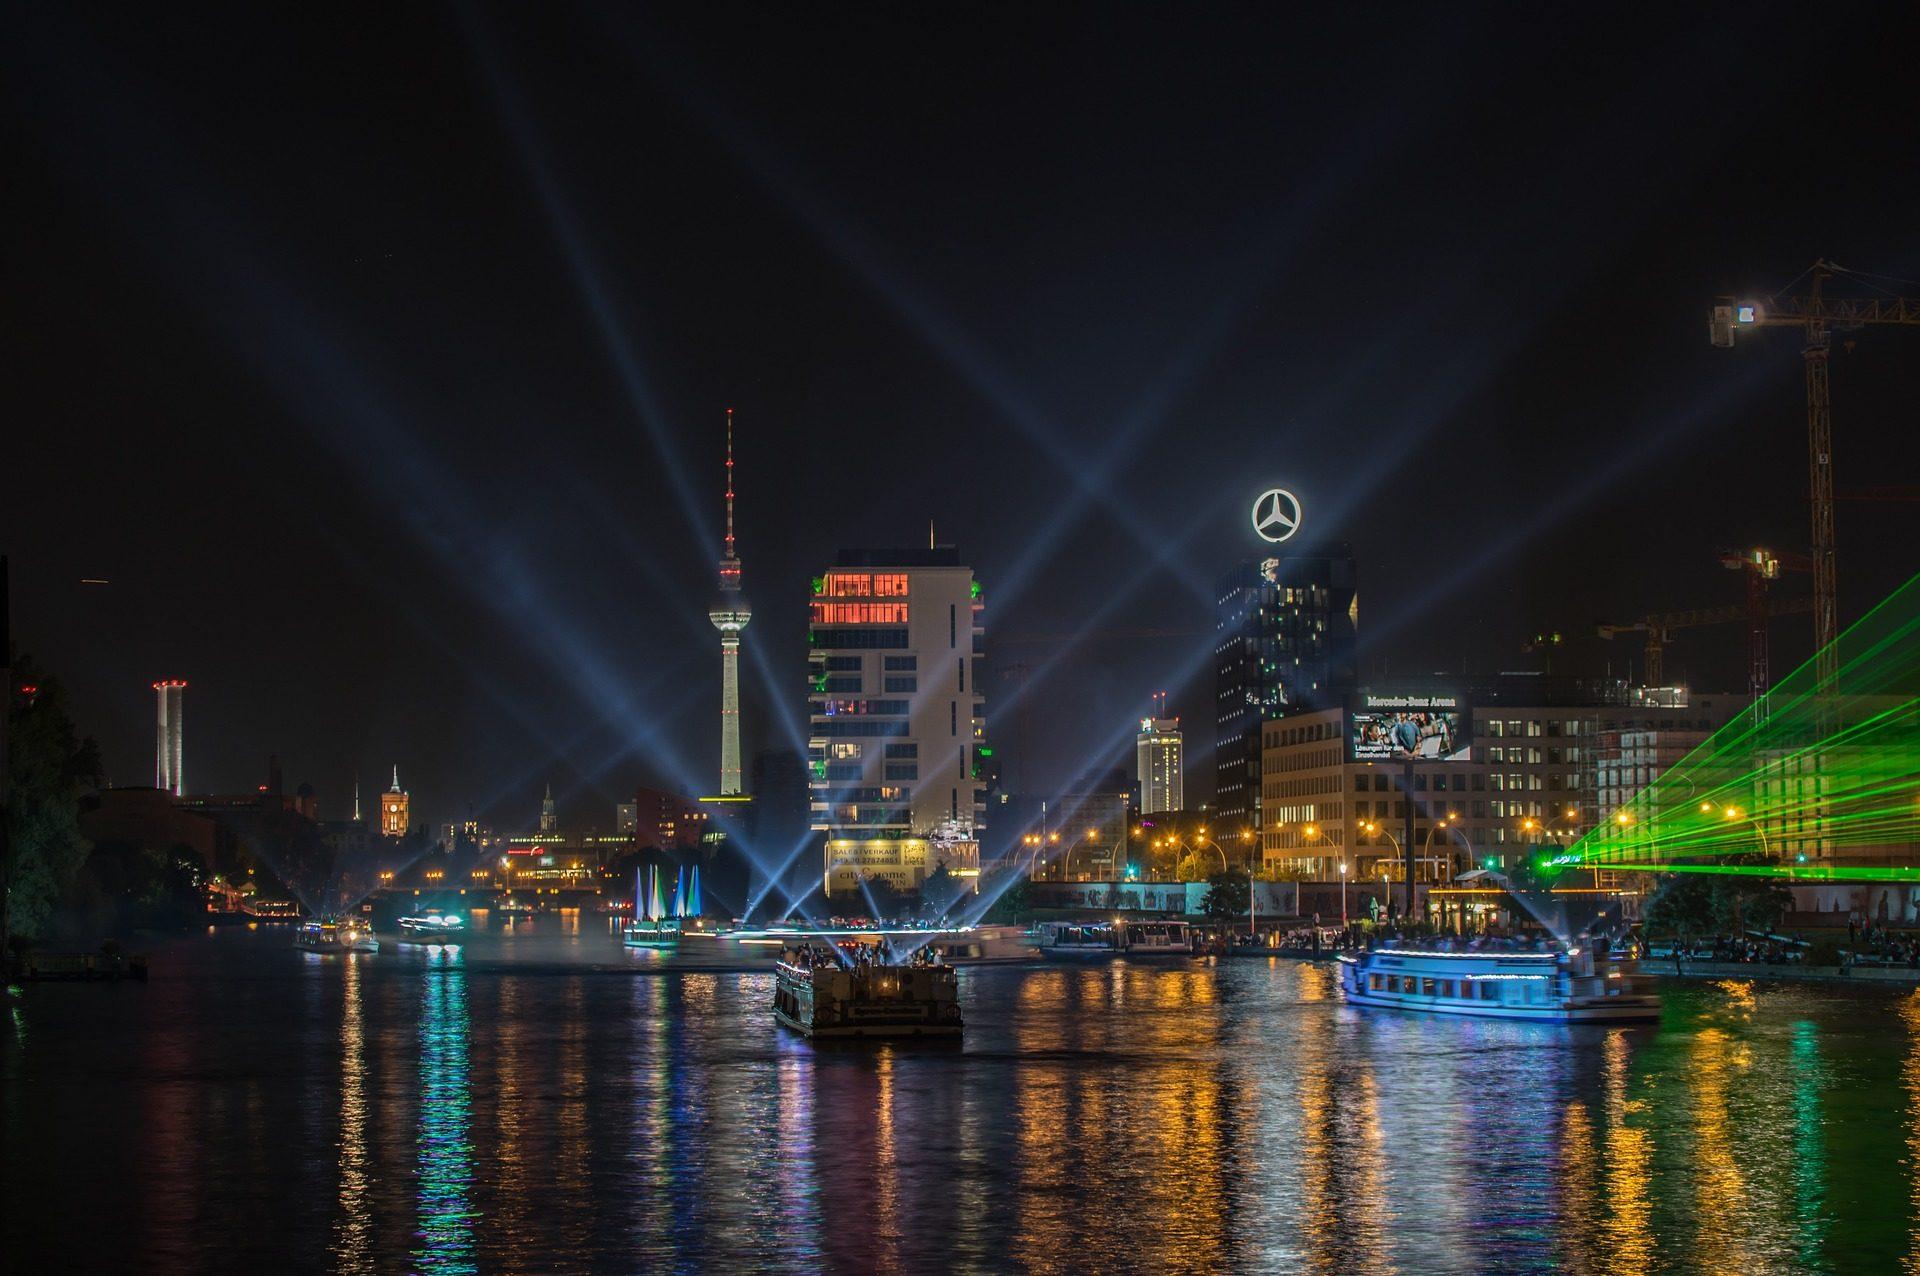 Von Köln nach Berlin Flug & Hotel ab 90,00€ - eine Woche Berlin ab 202,00€